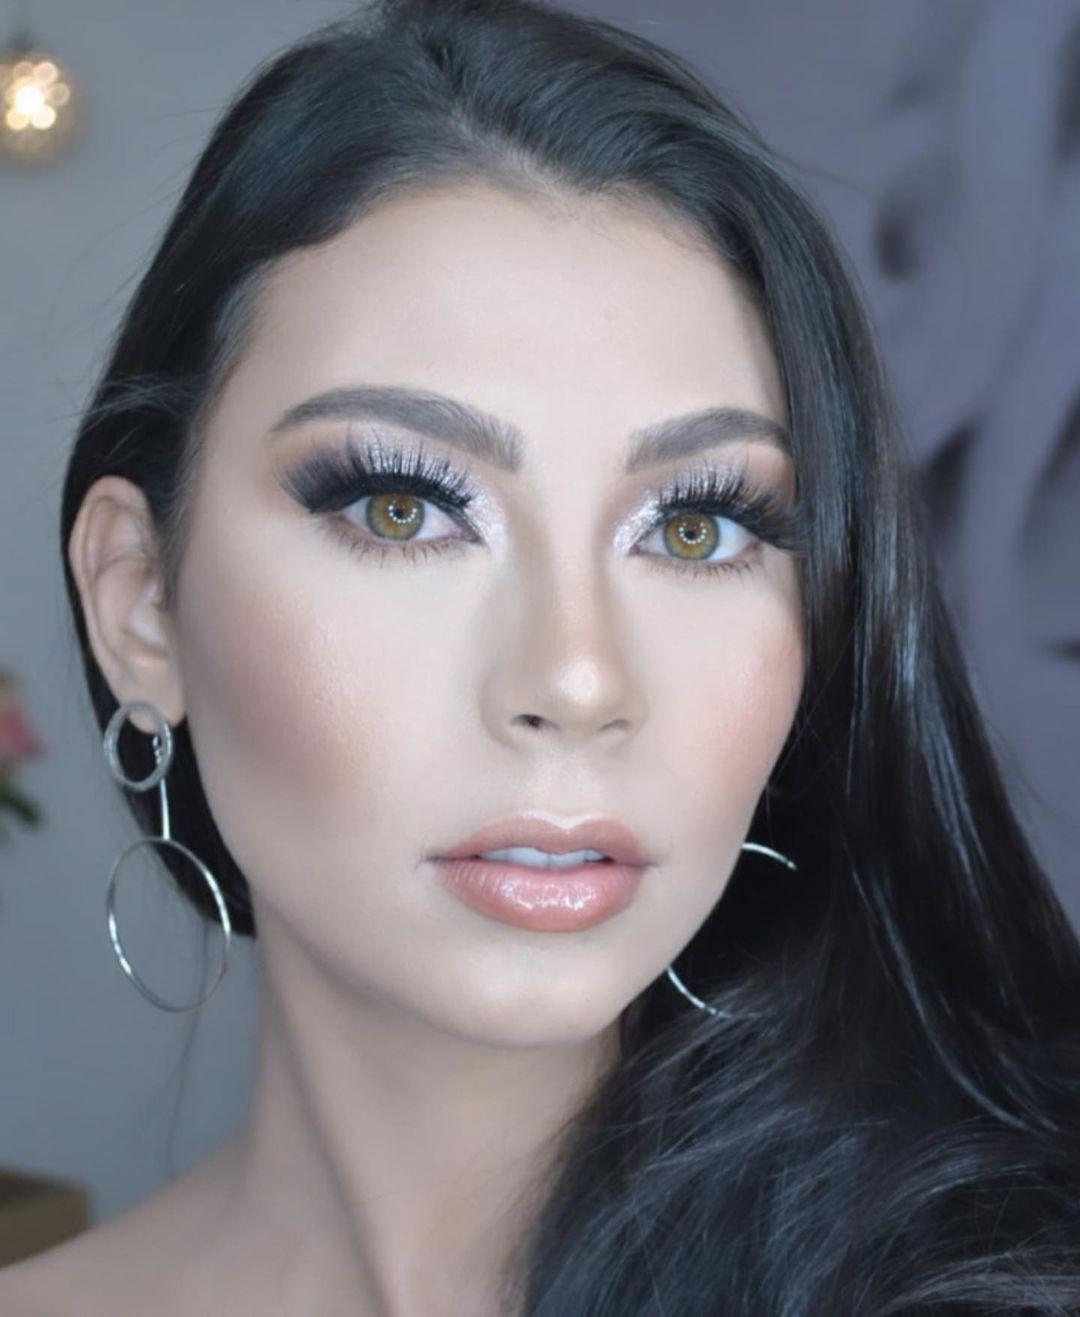 julia alves, miss cerrado goiano mundo 2019. - Página 5 Fumbtv10